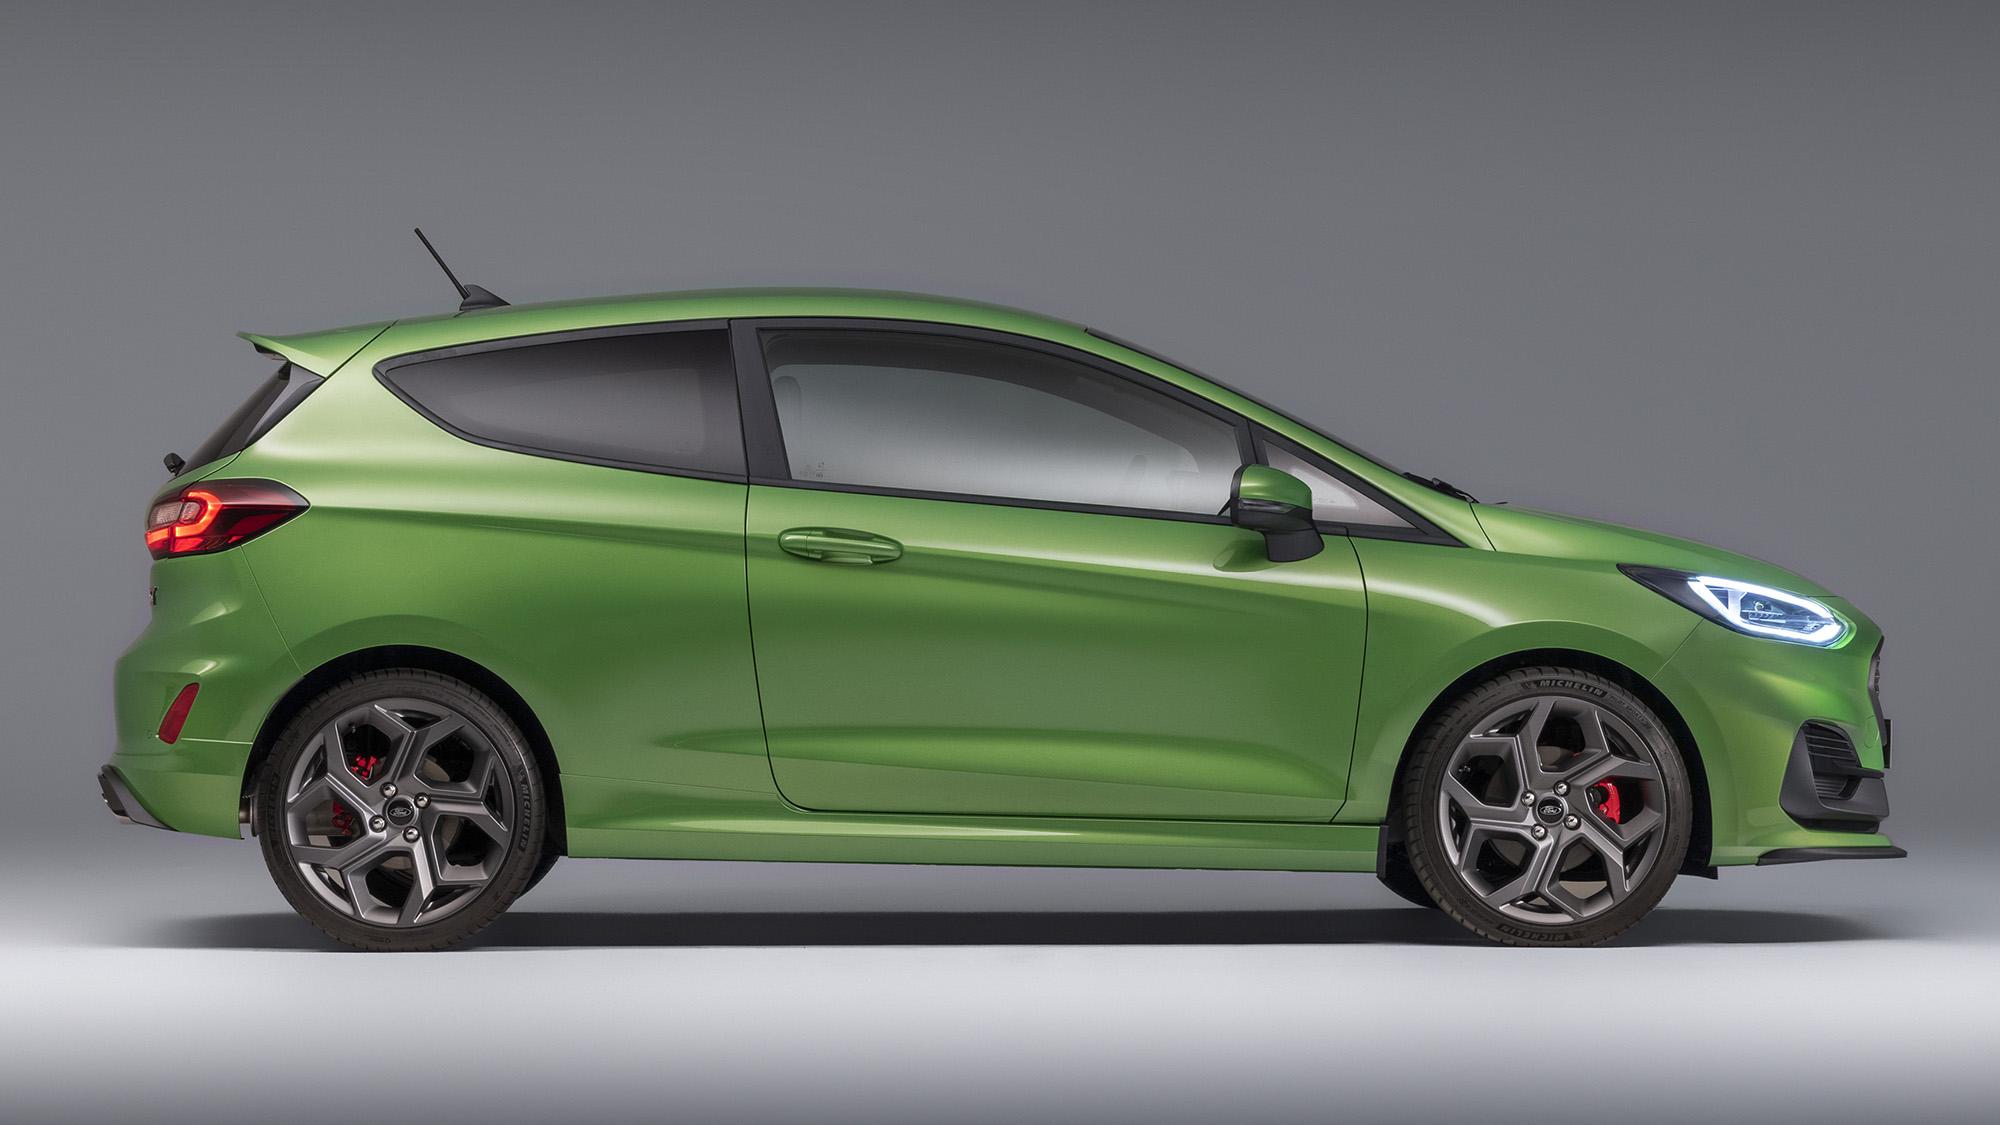 Ford Fiesta 2021 verde visto de lado